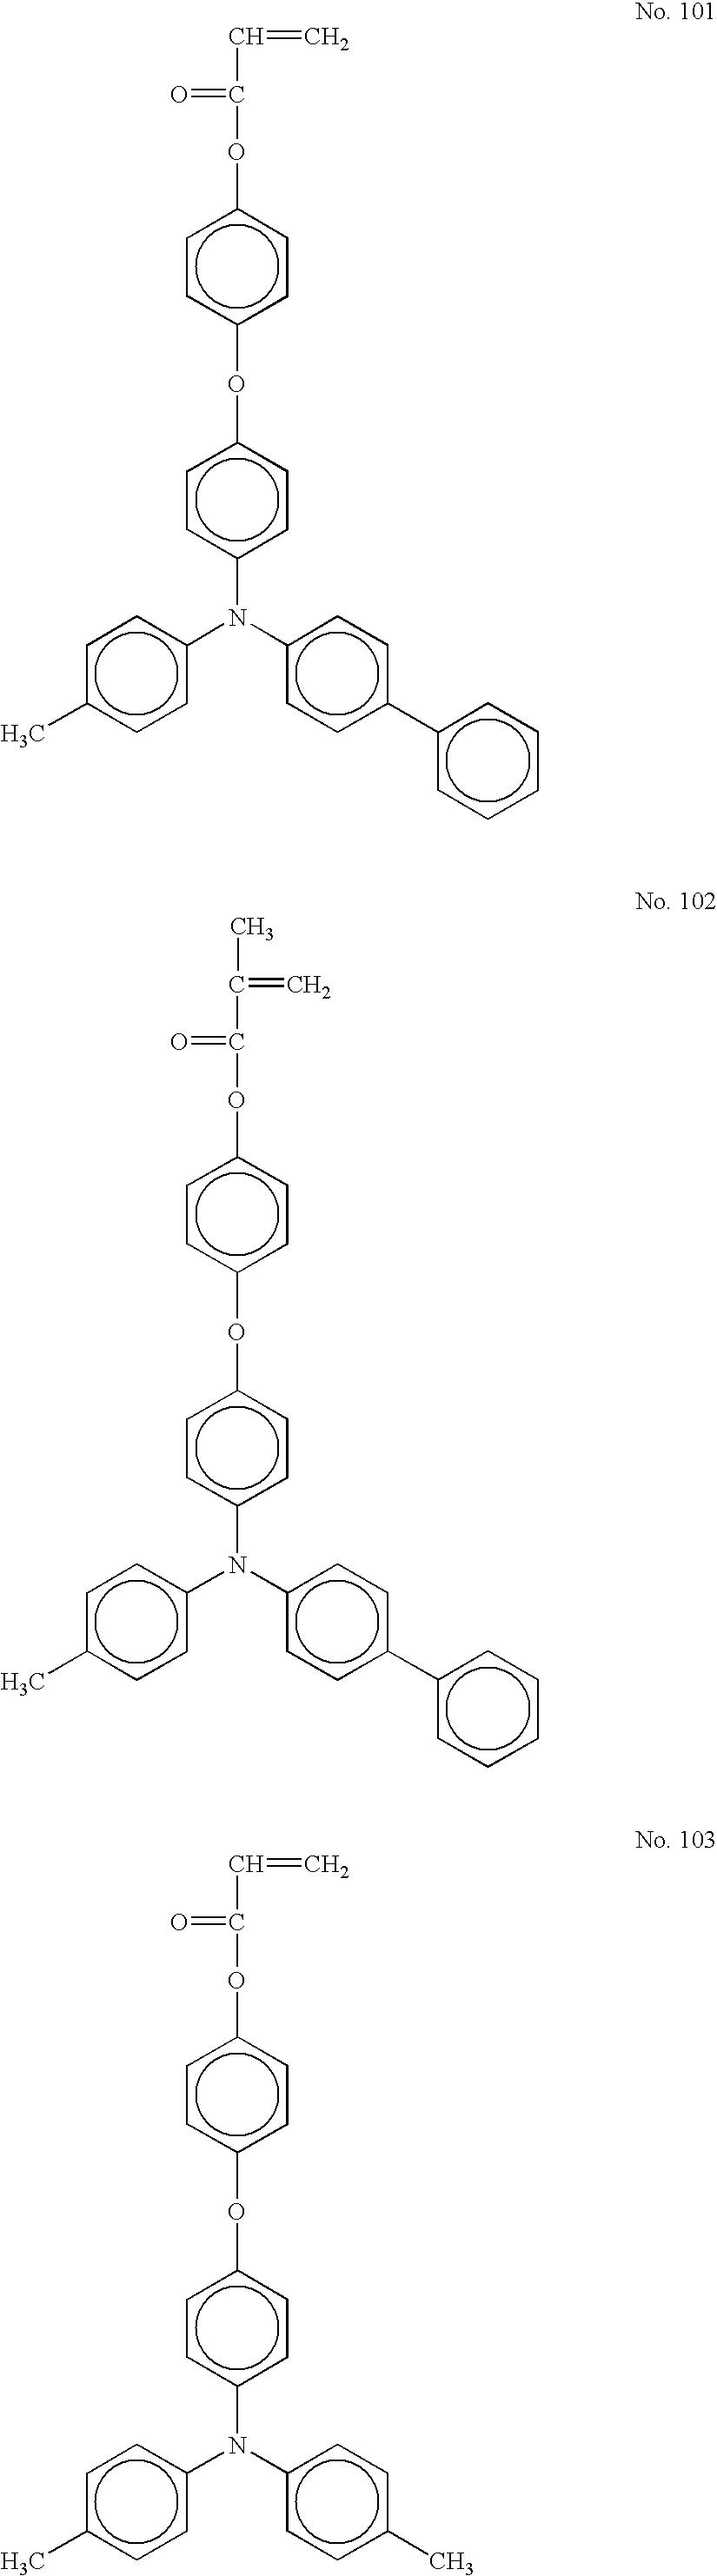 Figure US07175957-20070213-C00046